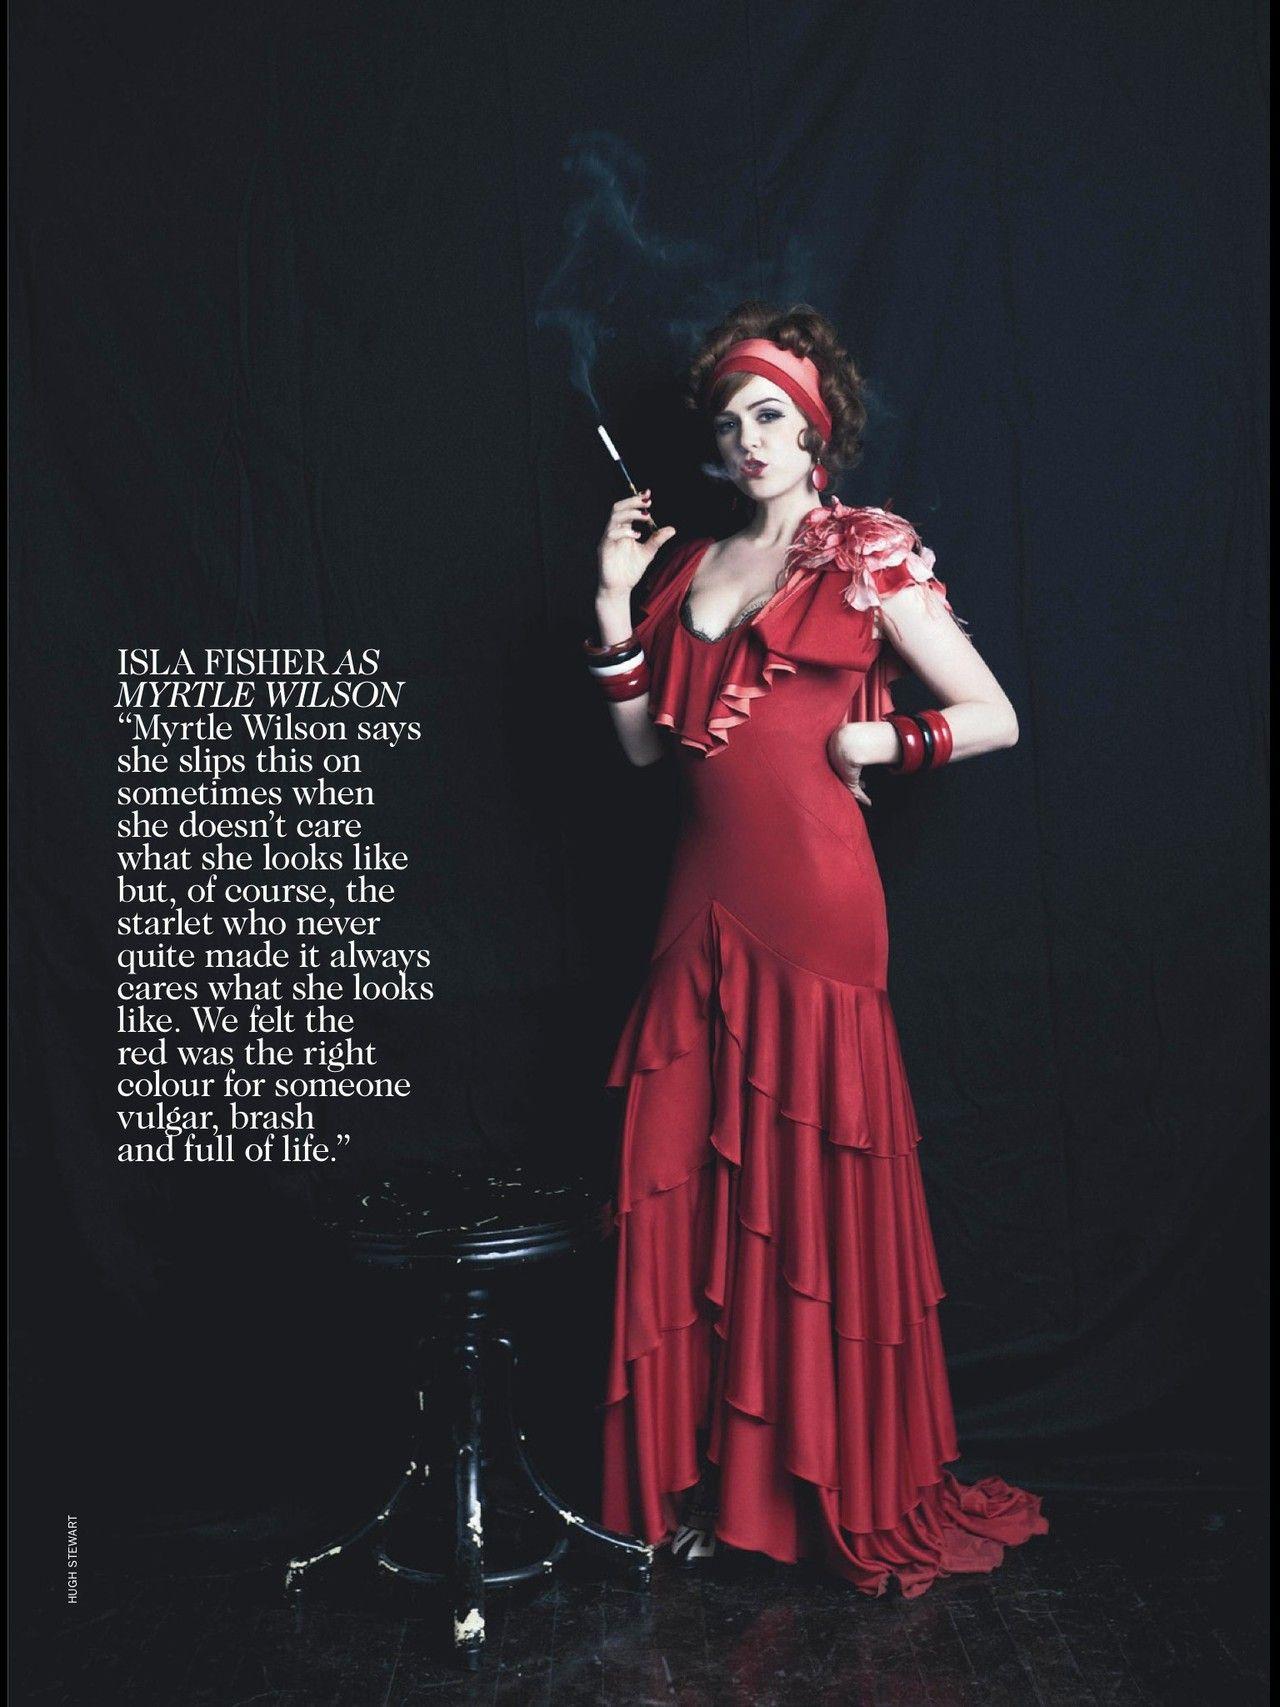 Isla Fisher Is Myrtle Wilson In Baz Luhrmans Great Gatsby Film